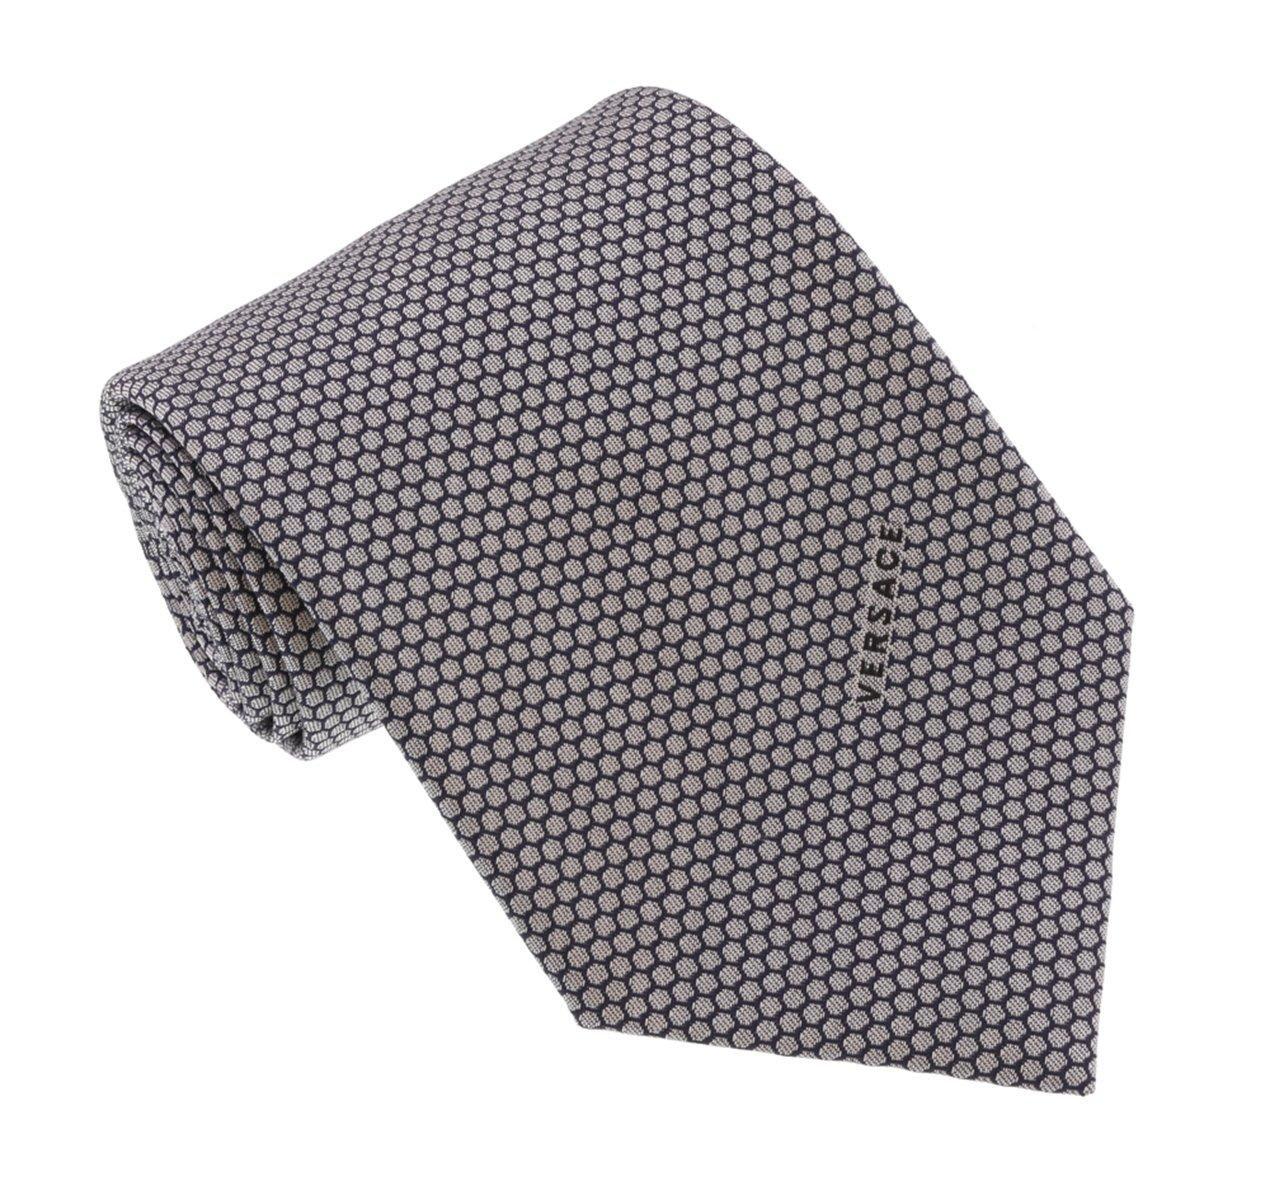 Versace Light Grey Woven Honeycomb Tie by Versace